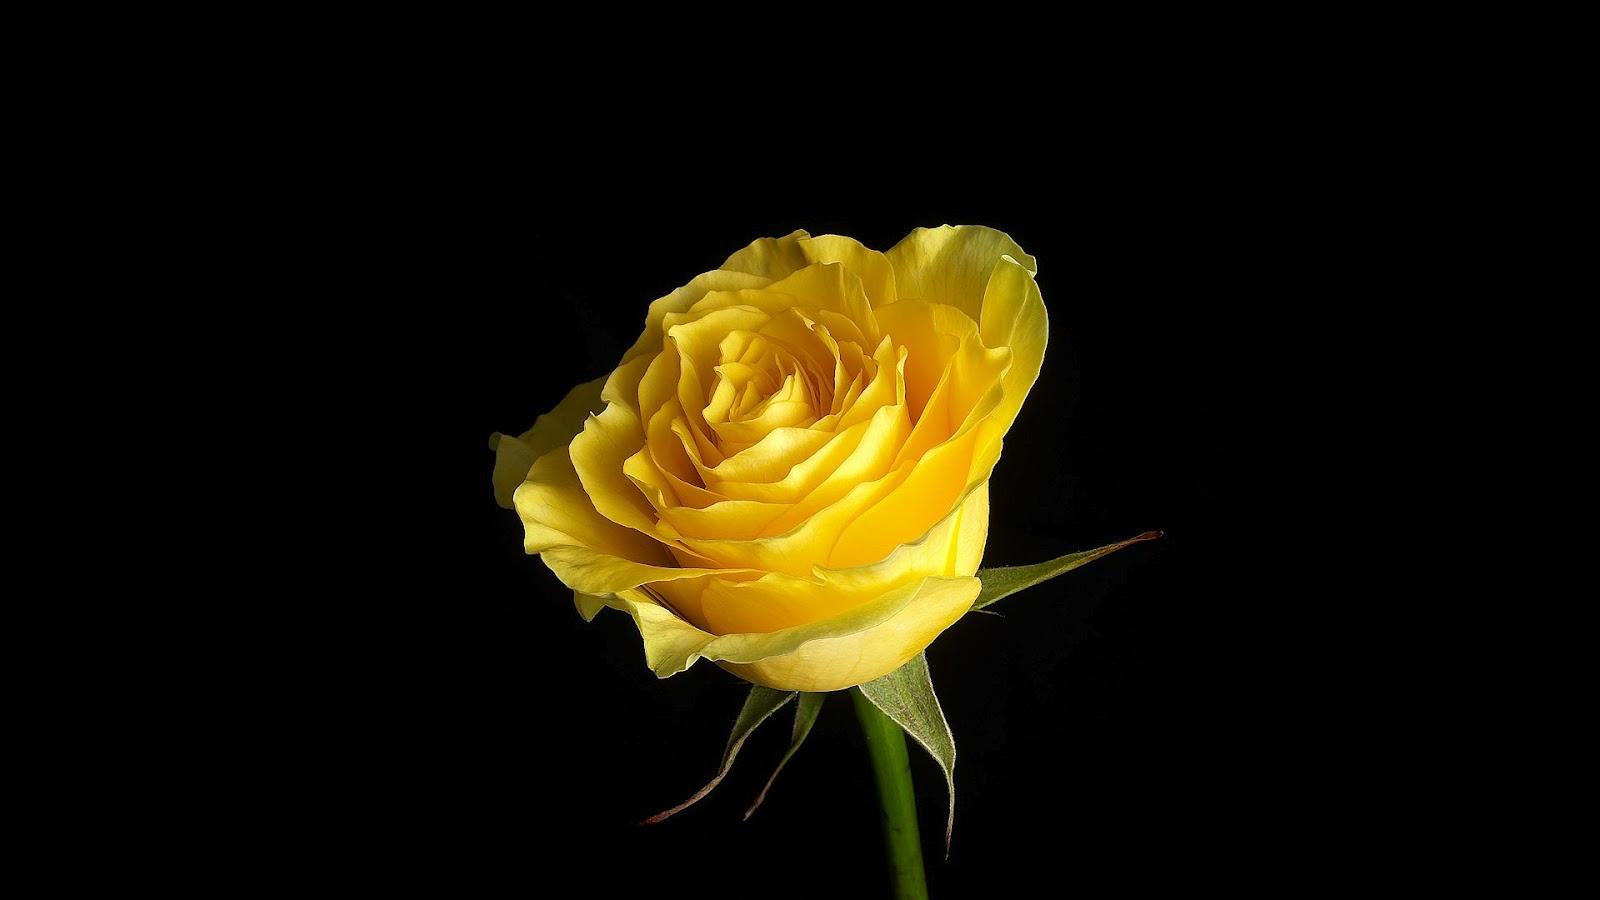 donkere hd afbeelding met gele roos zonder doorns